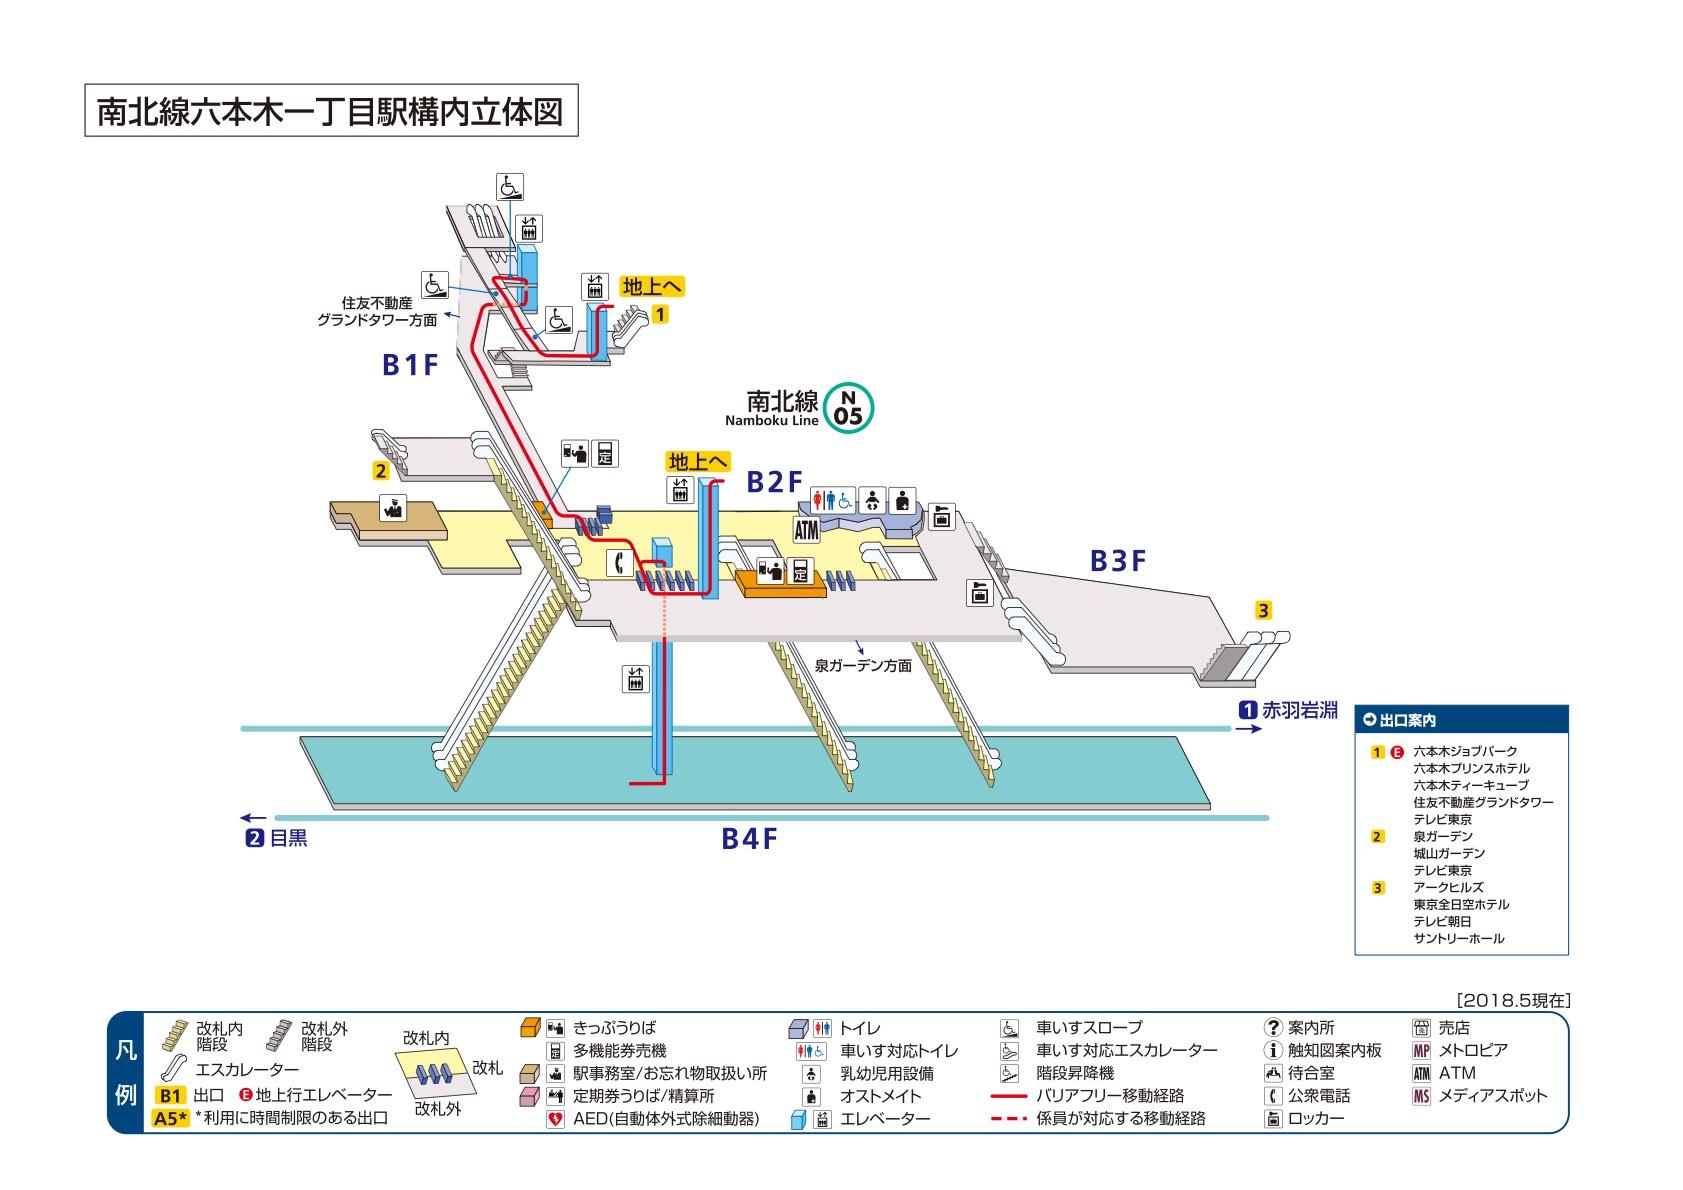 構内図 六本木一丁目駅 n05 東京メトロ